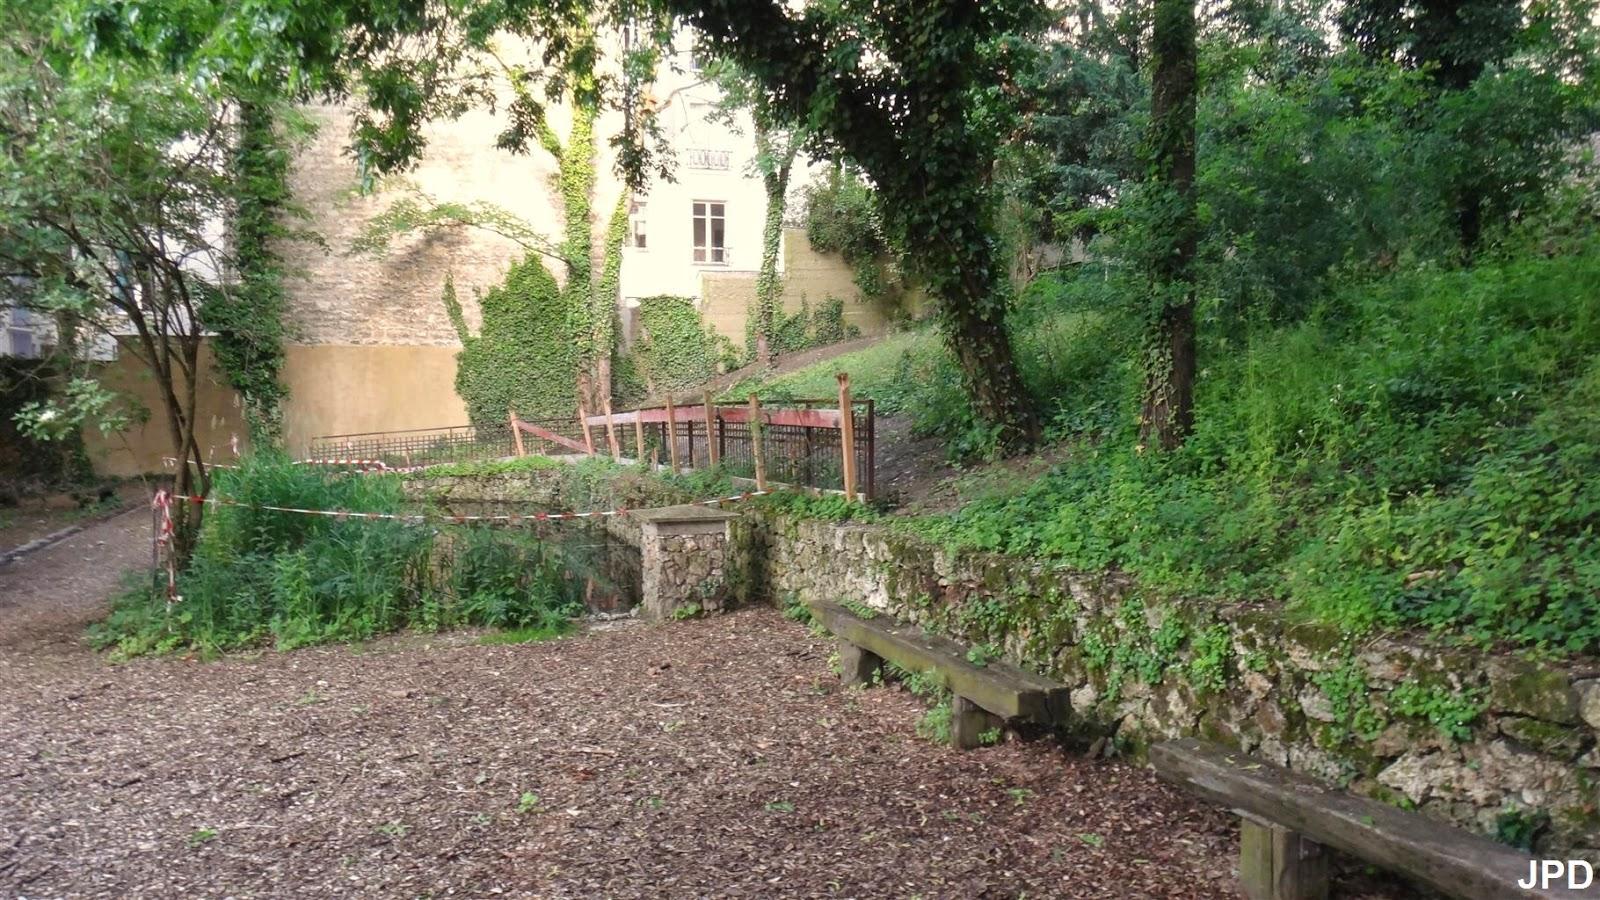 D co jardin sauvage saint vincent strasbourg 11 for Jardin japonais tunis